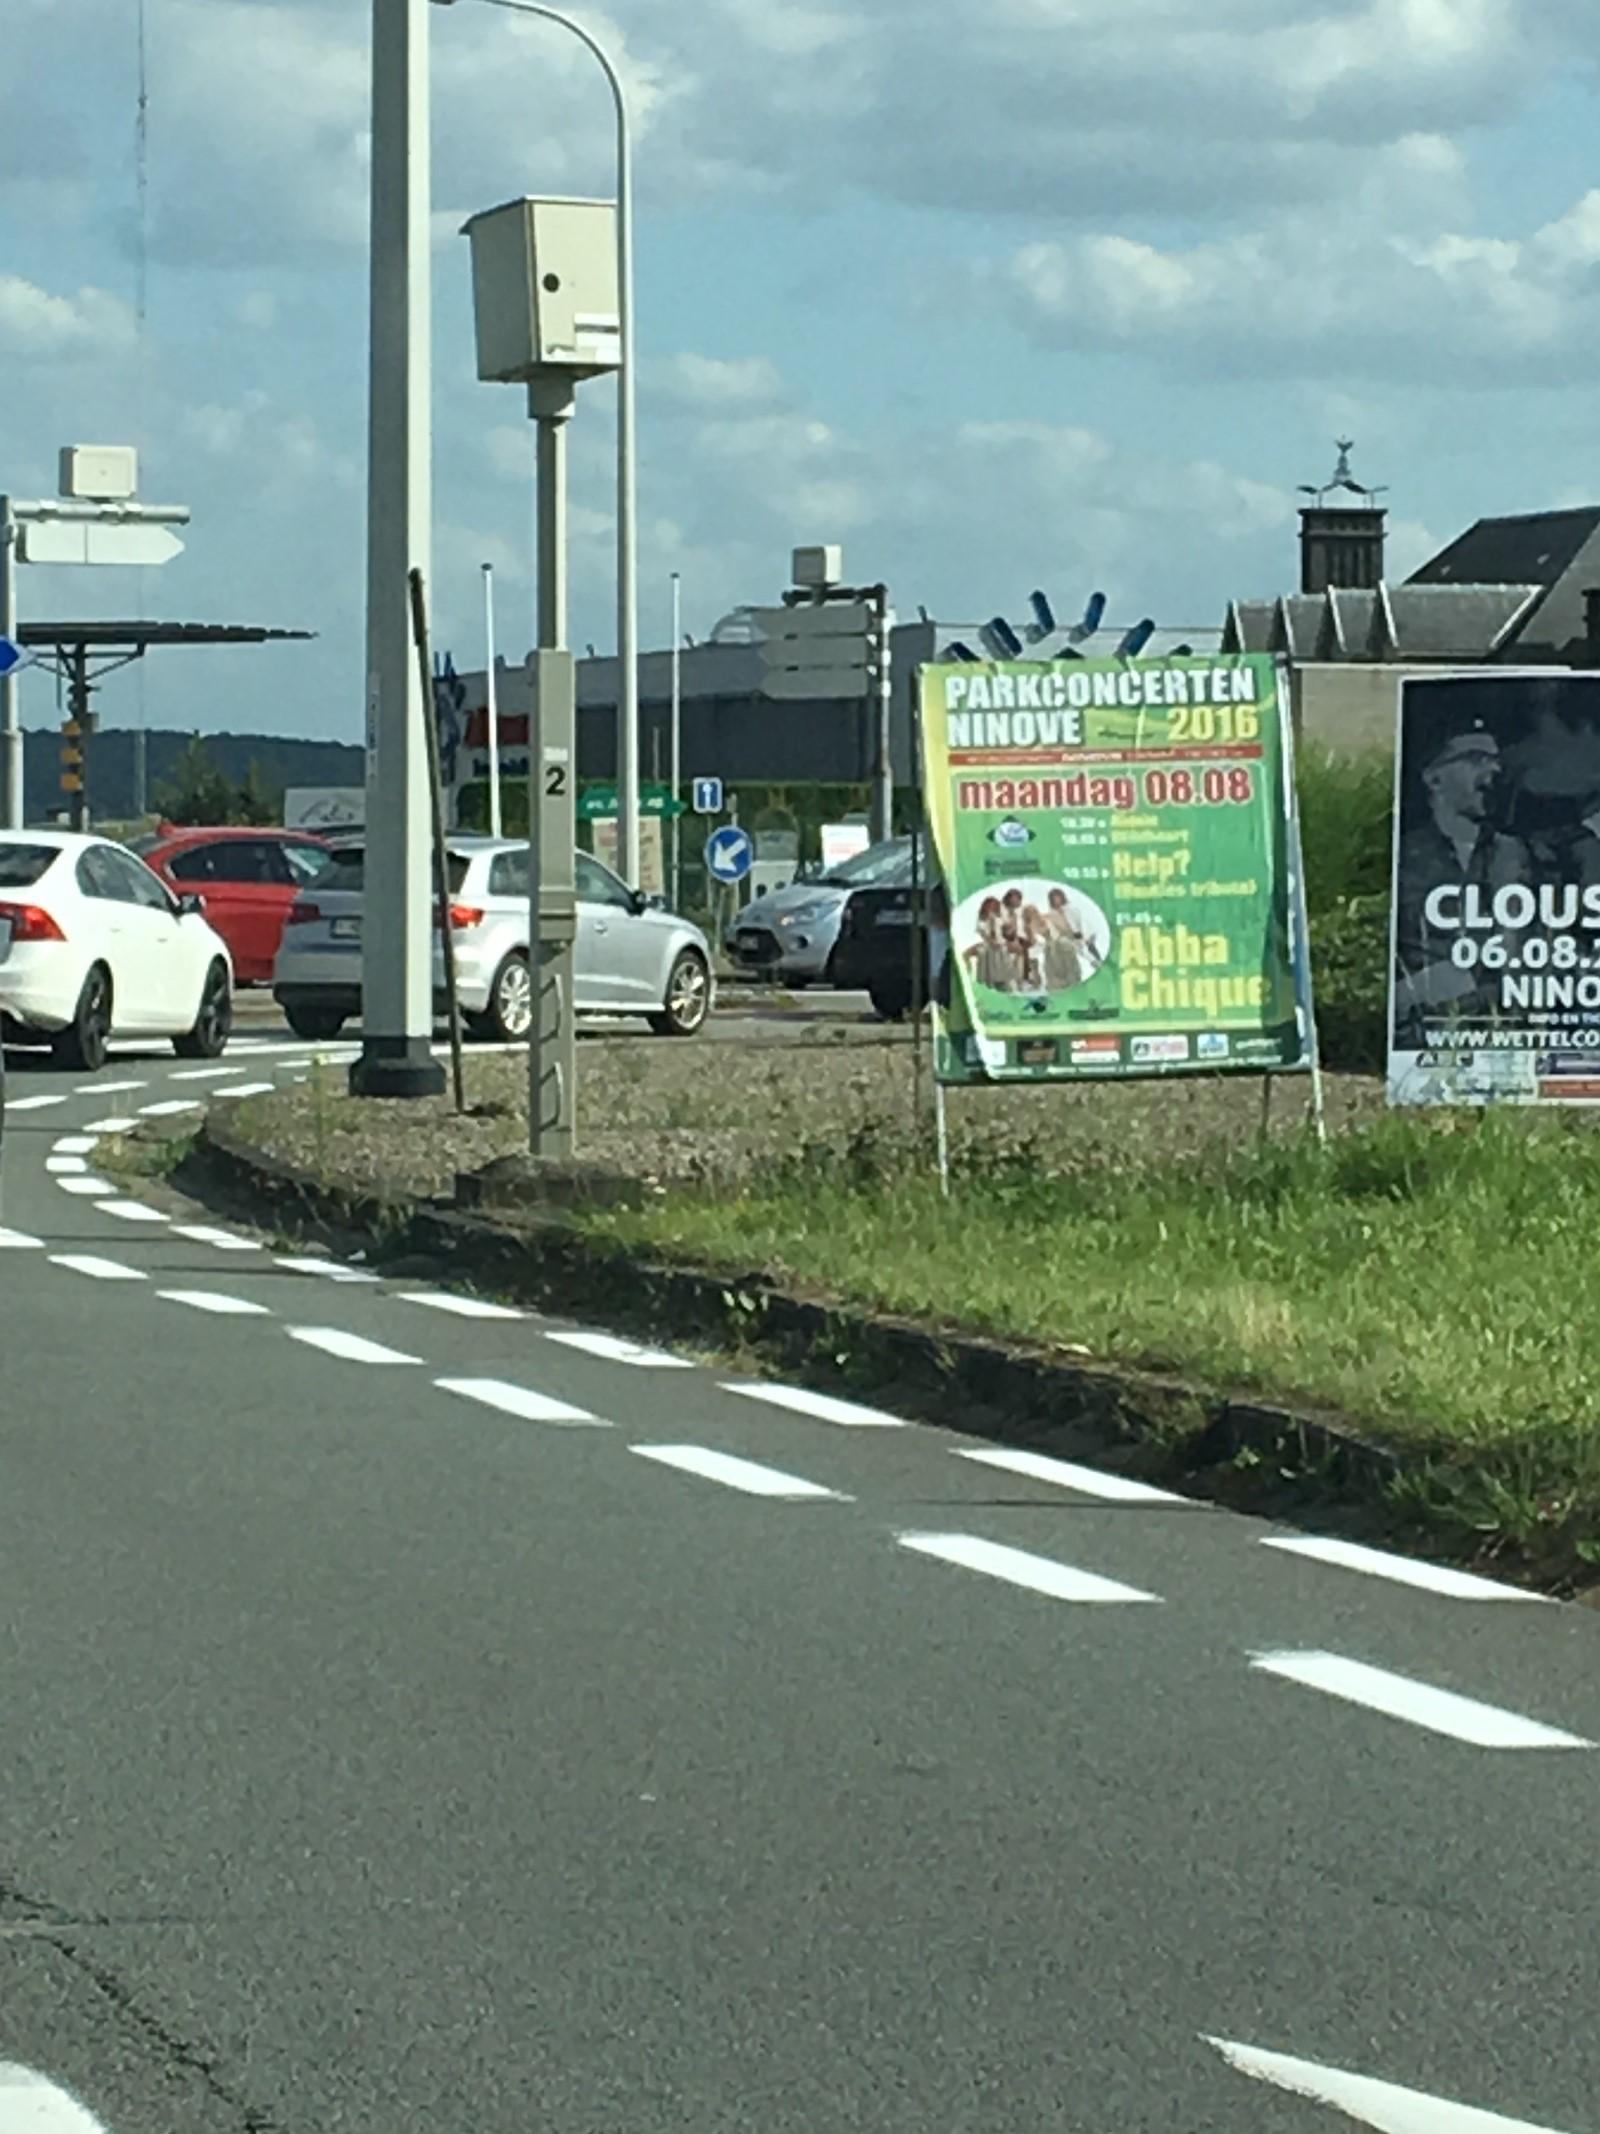 ABBA Chique in Belgium